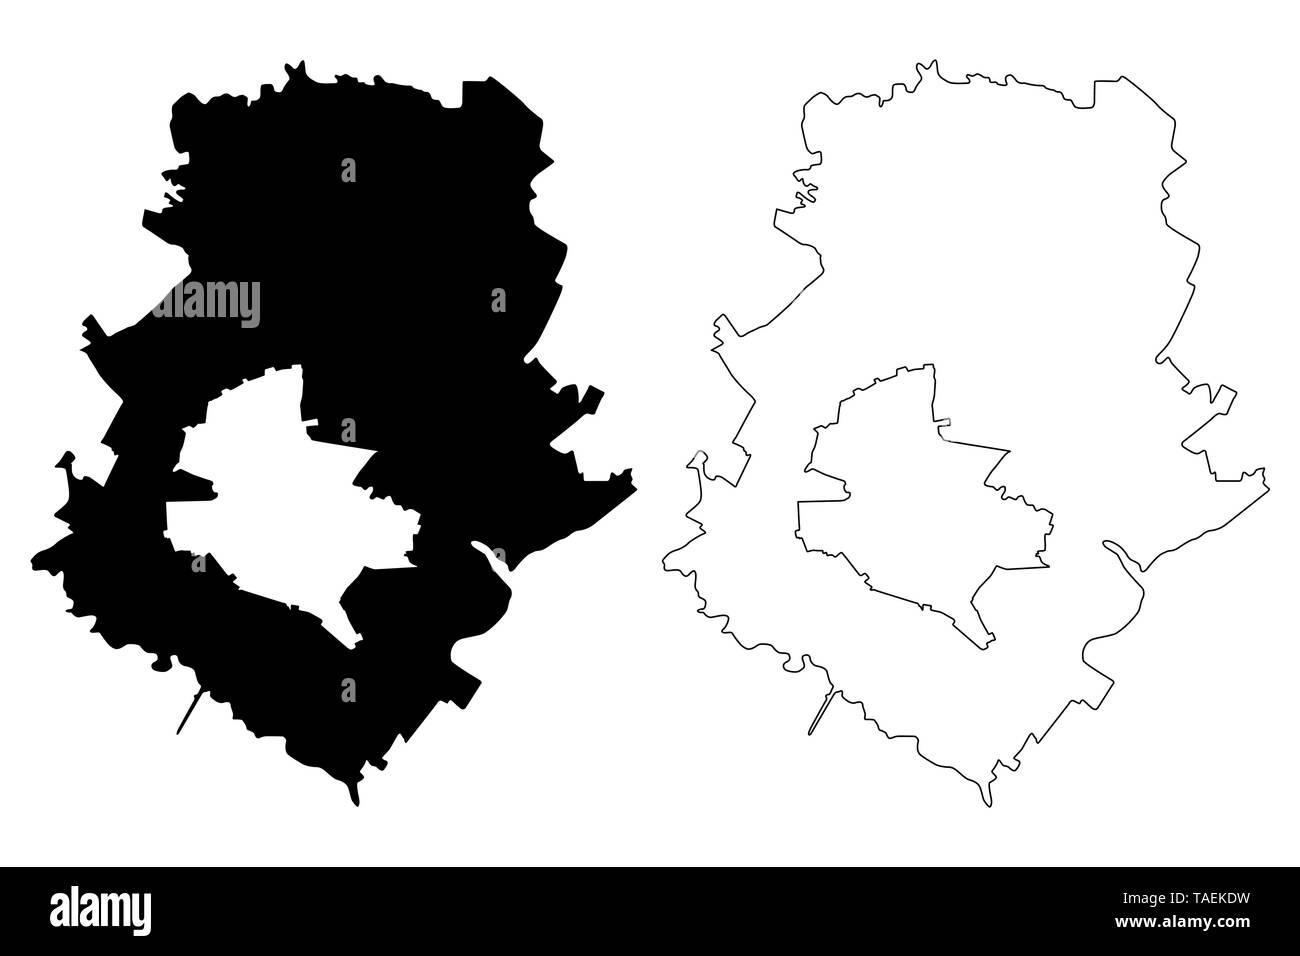 Ilfov County (Administrative divisions of Romania, Bucuresti - Ilfov development region) map vector illustration, scribble sketch Ilfov map - Stock Image